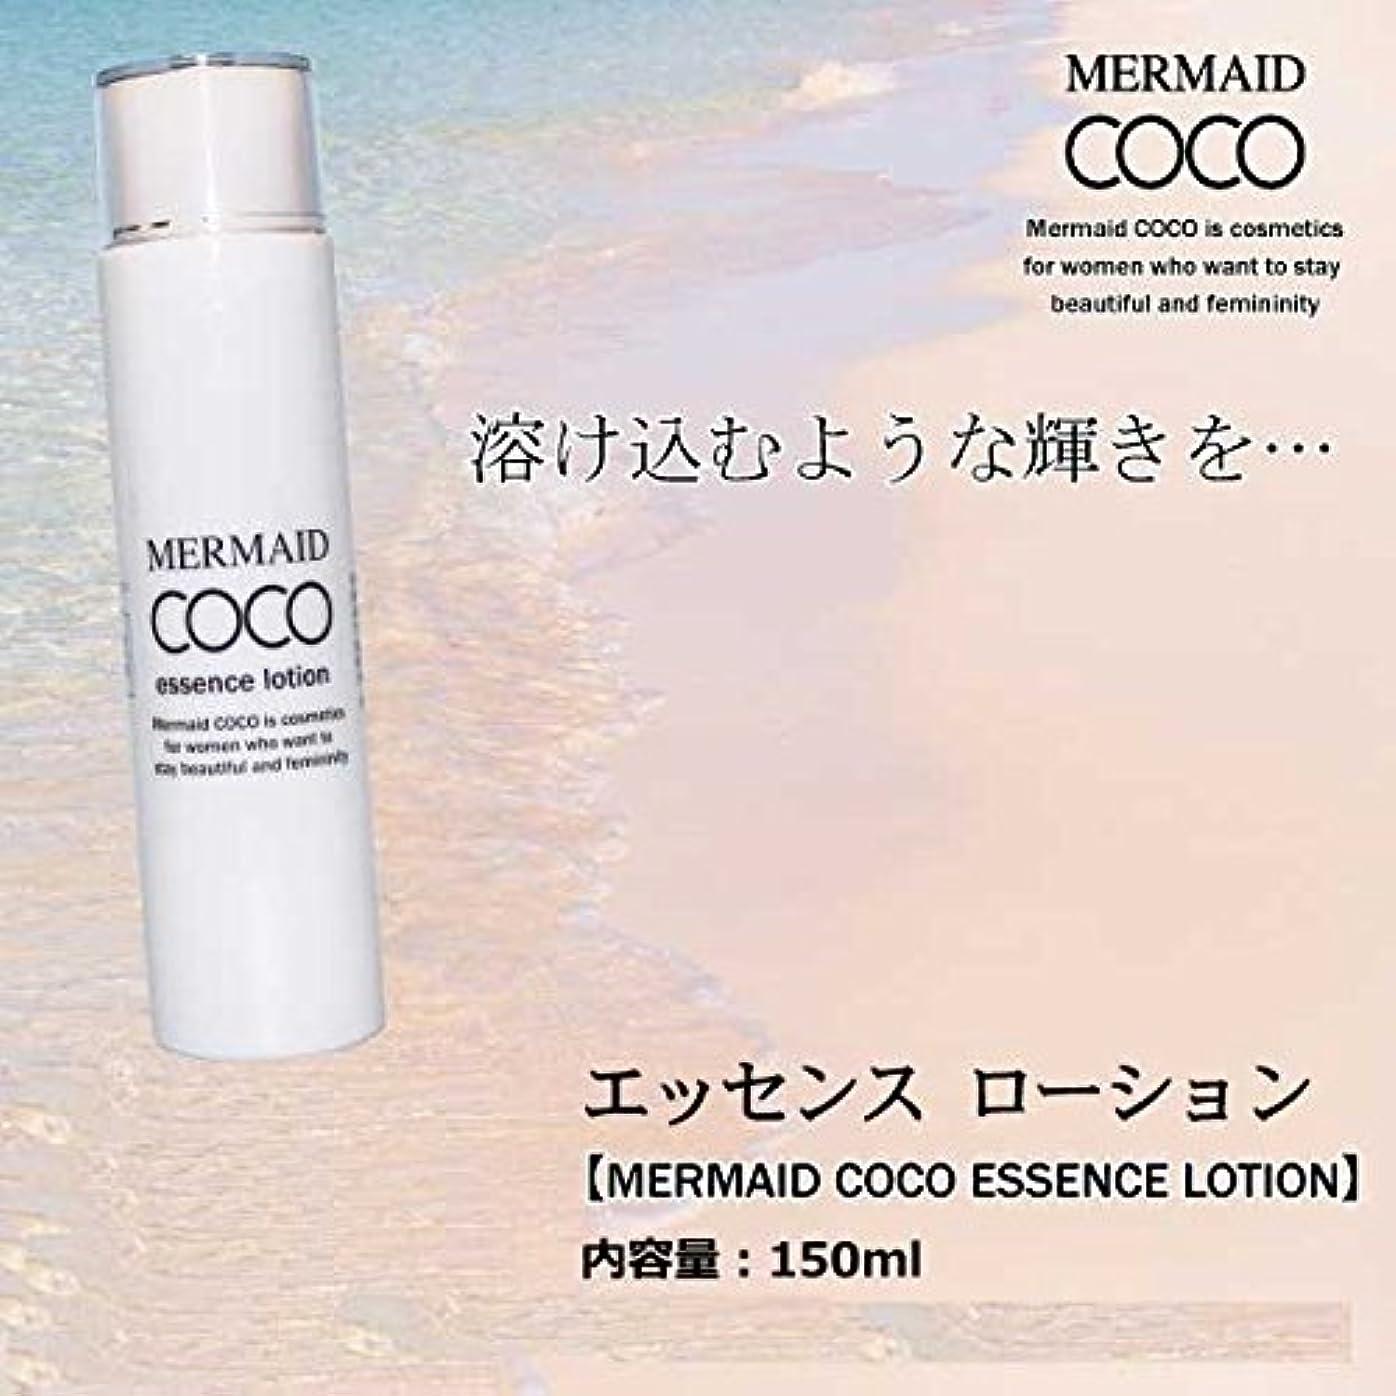 マーメイド ココ  エッセンローション MERMAID COCO ESSENCE LOTION 150ml